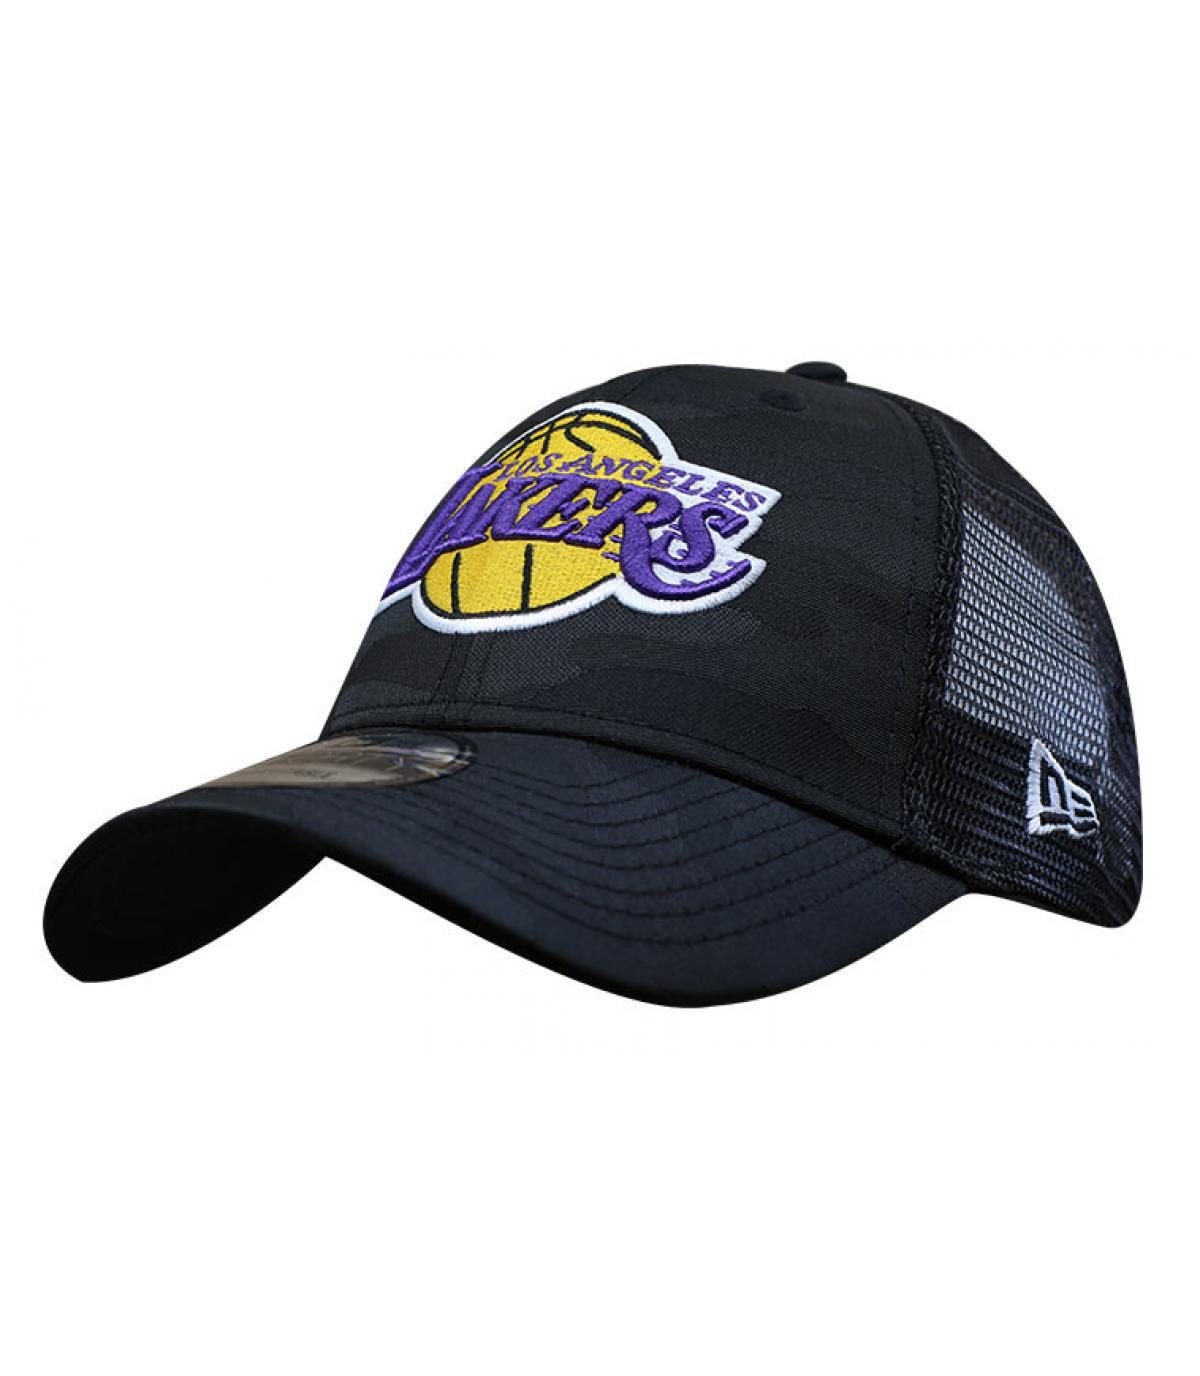 Détails Trucker Seasonal The League 940 Lakers - image 2